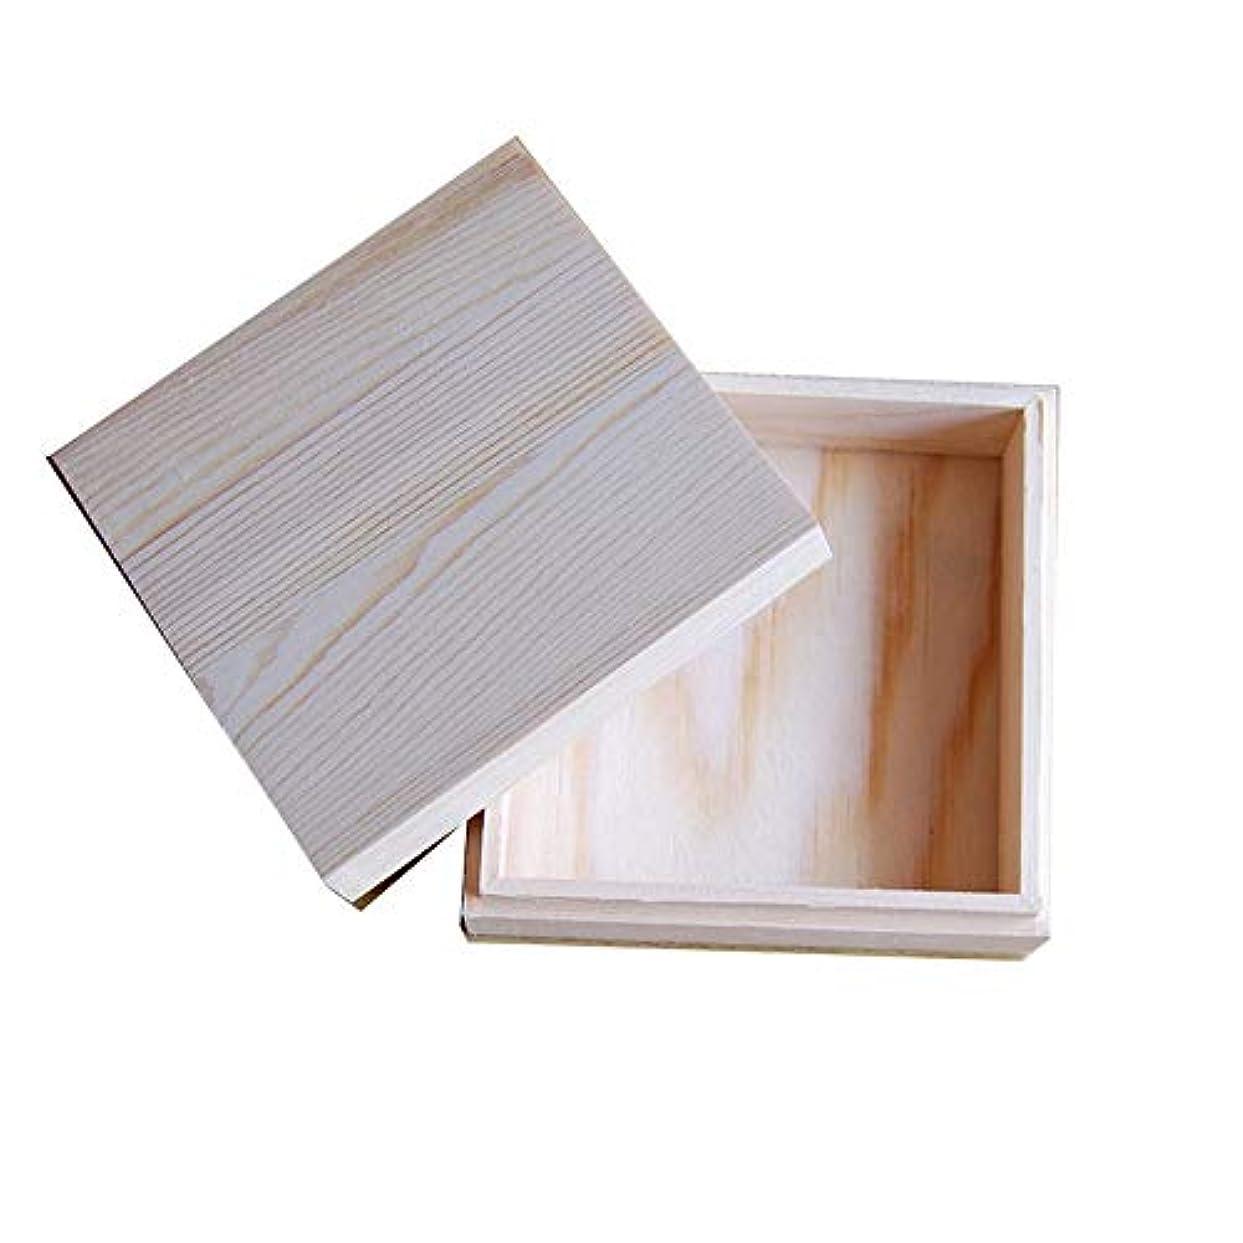 認証姉妹ロッドエッセンシャルオイルストレージボックス 木製のエッセンシャルオイルストレージボックス安全に油を維持するためのベスト 旅行およびプレゼンテーション用 (色 : Natural, サイズ : 11.5X11.5X5CM)